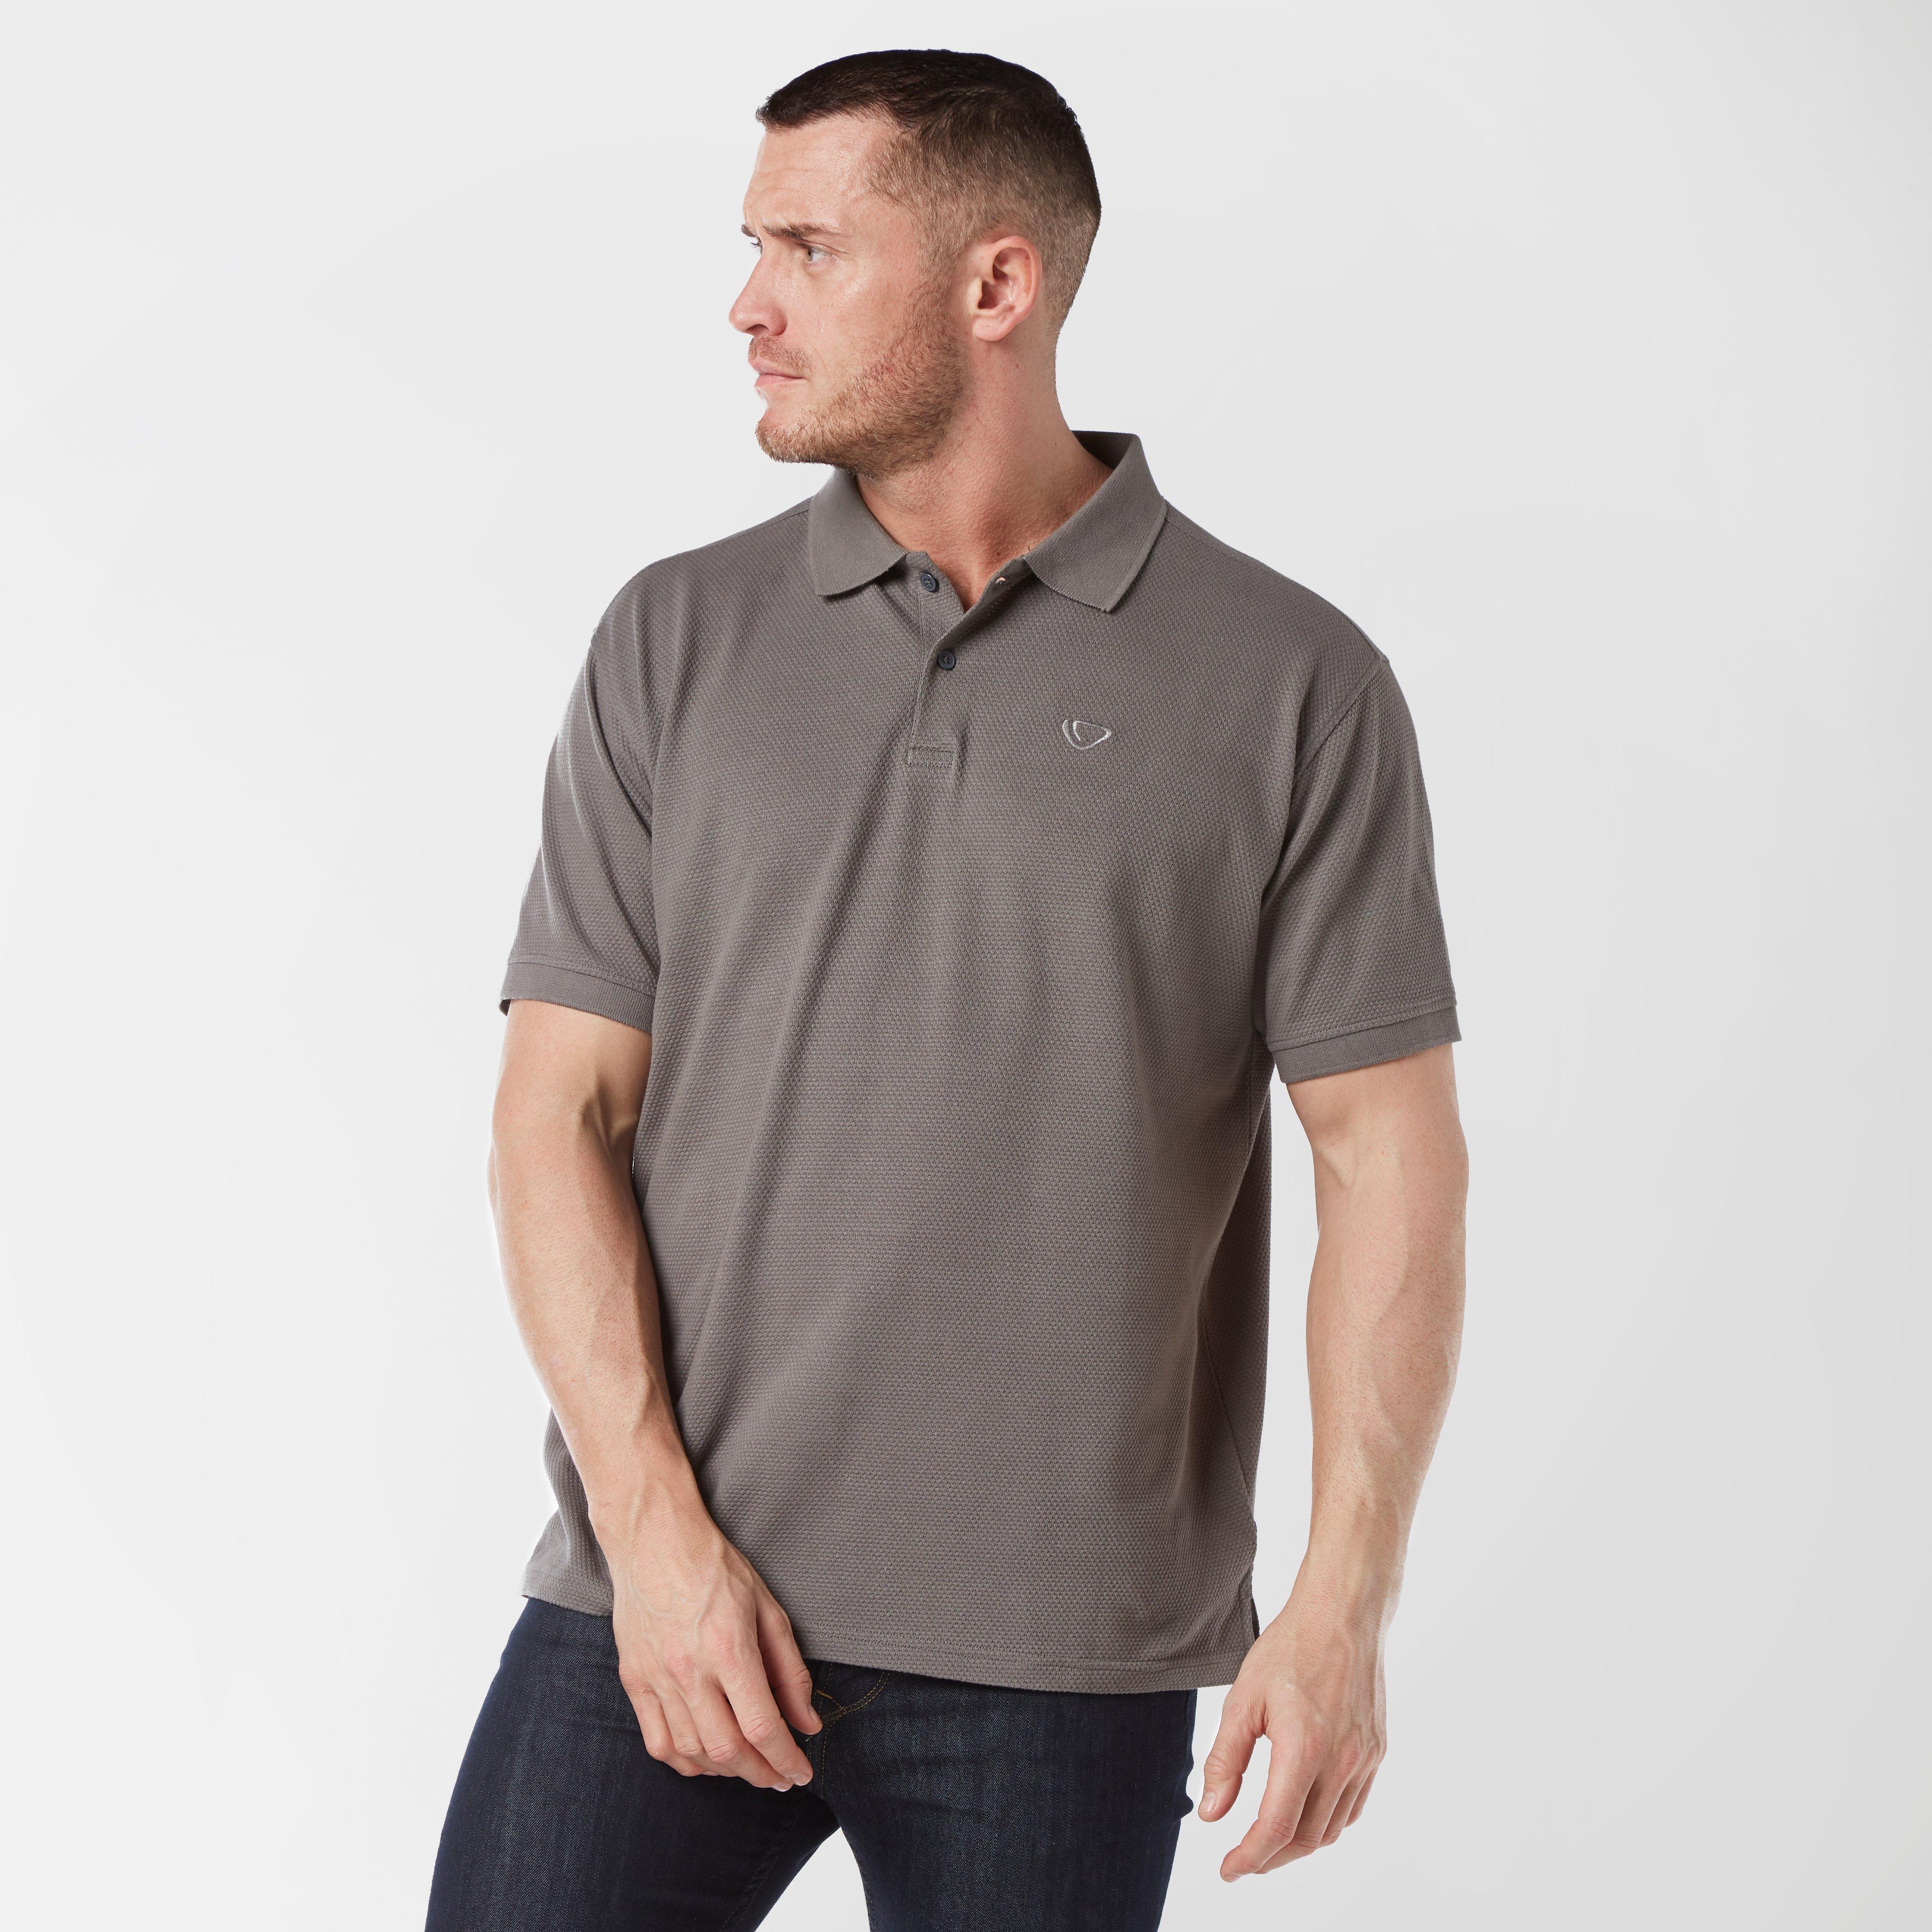 Brasher Men's Calder Polo Shirt - Grey/Dgy, Grey